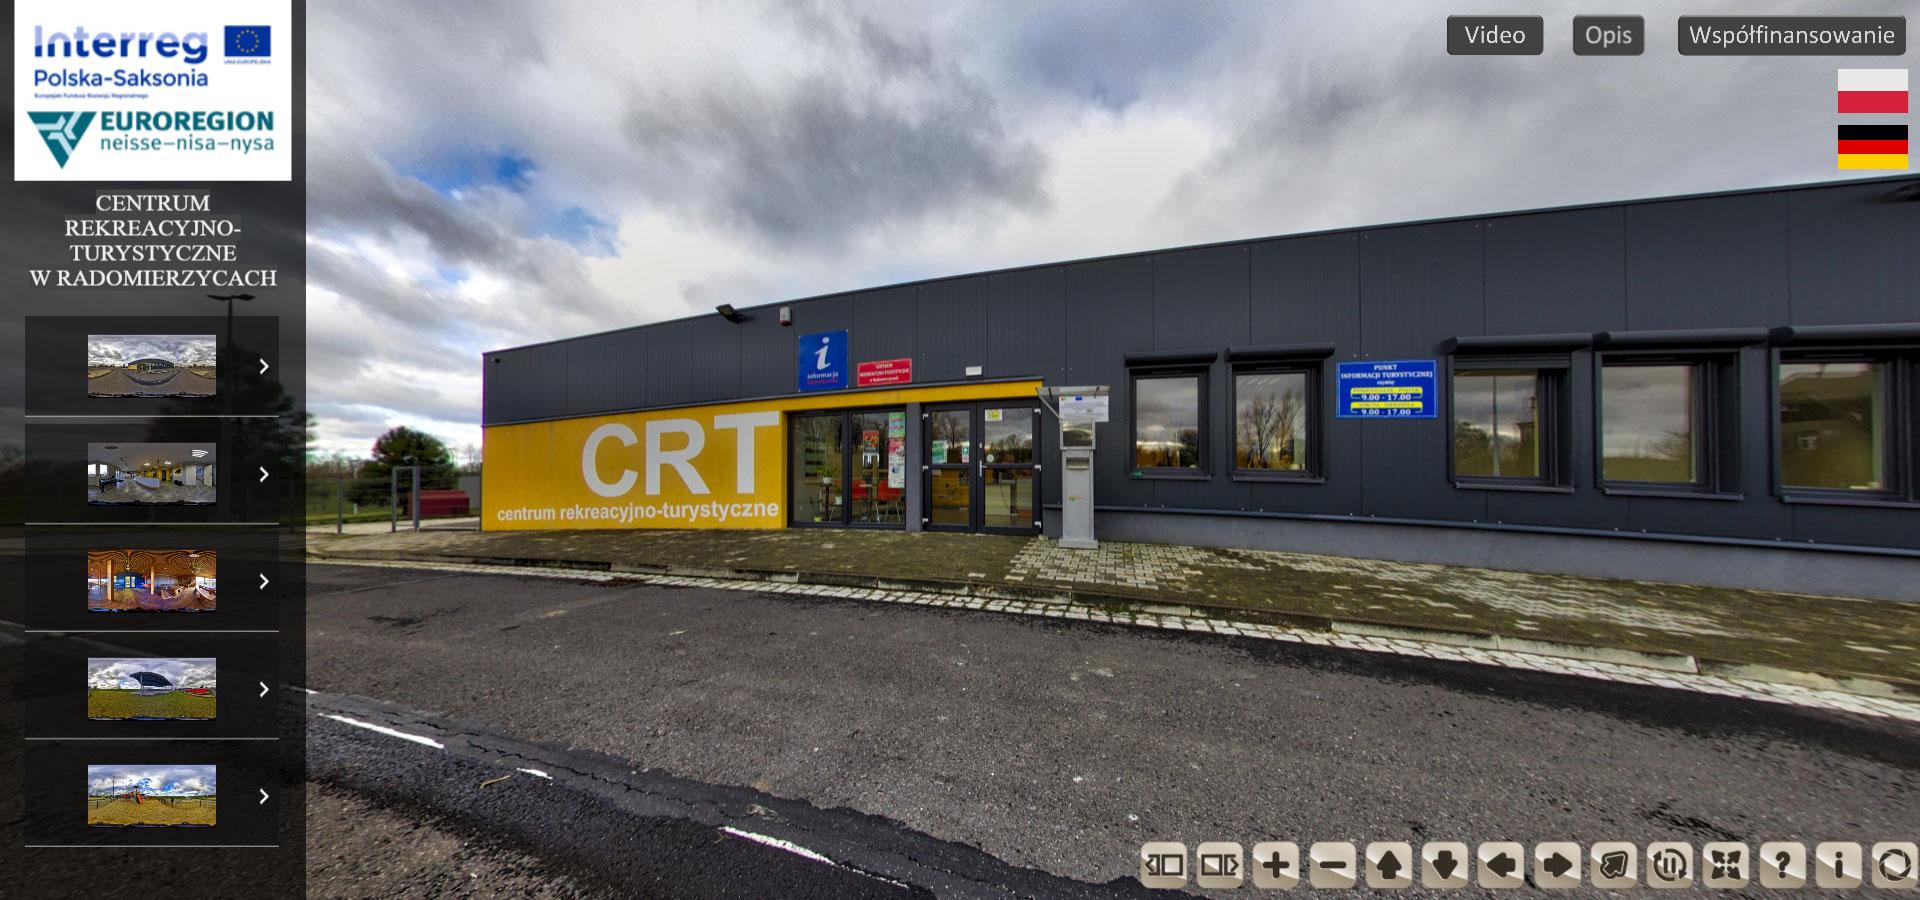 Centrum-Rekracyjno-Turystyczne-w-Radomierzycach